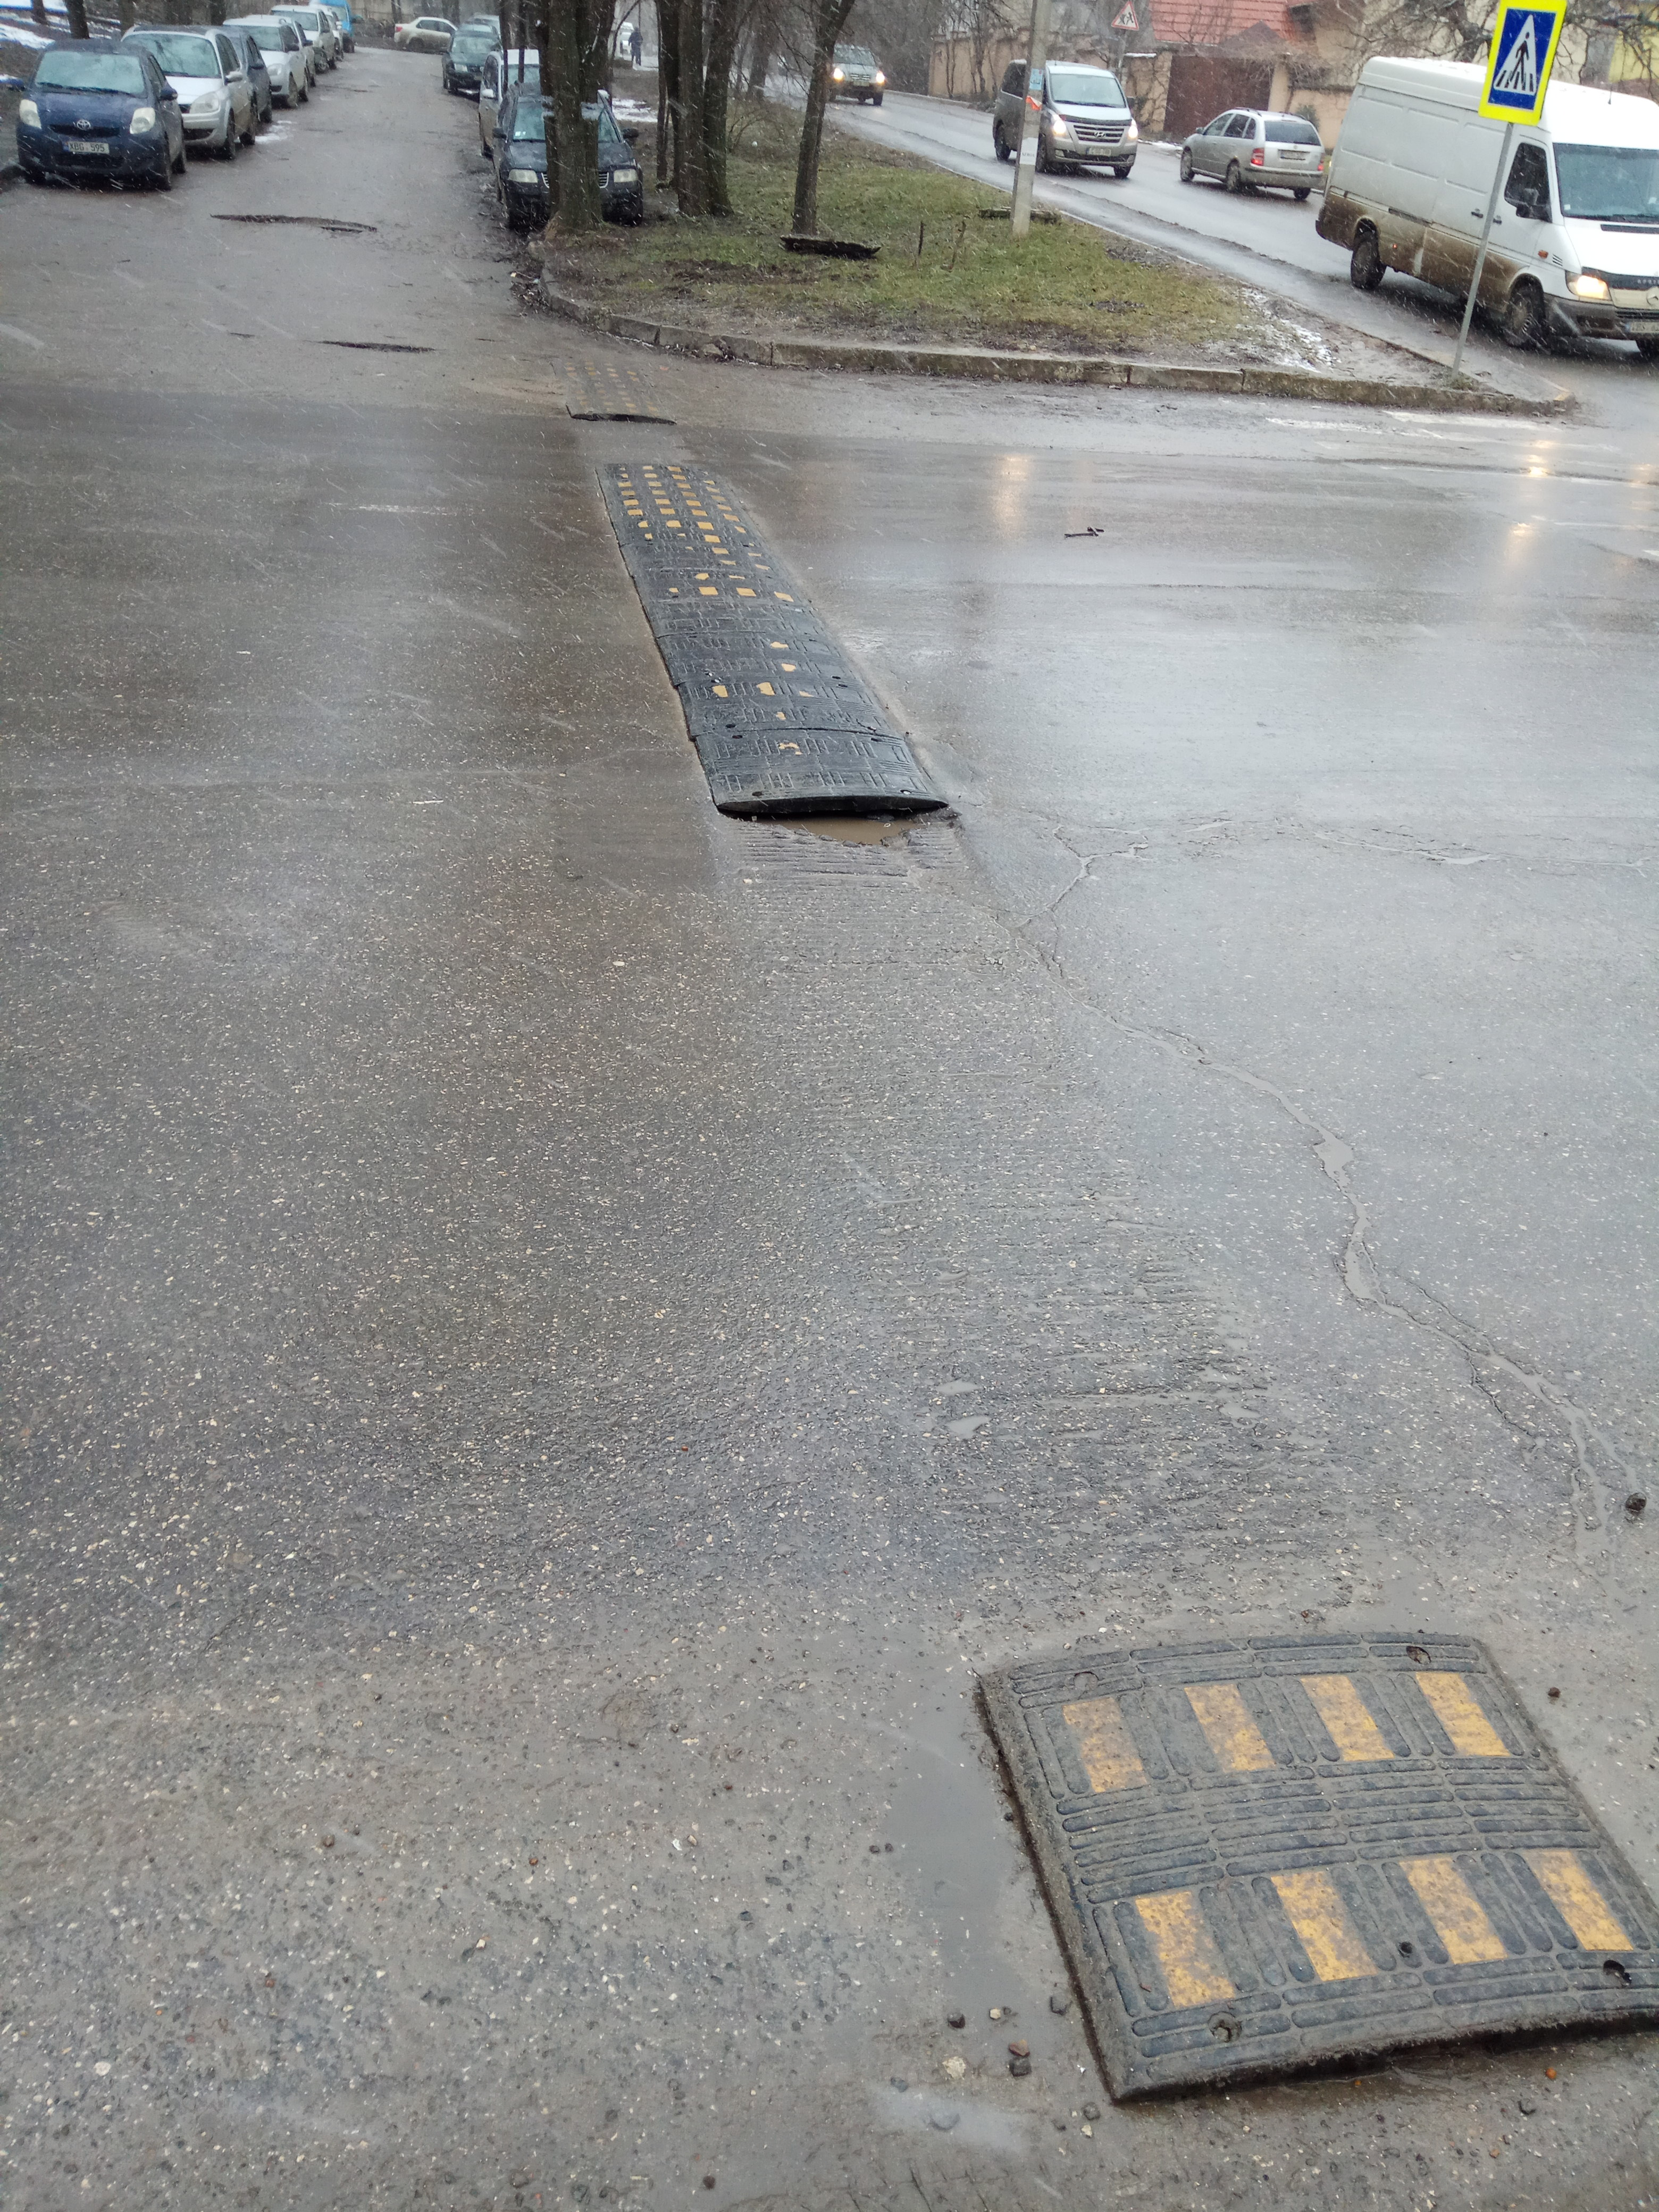 Limitator artificial de viteză defectat, instalat pe str. Gheorghe Asachi intersecție cu str. Sprîncenoaia